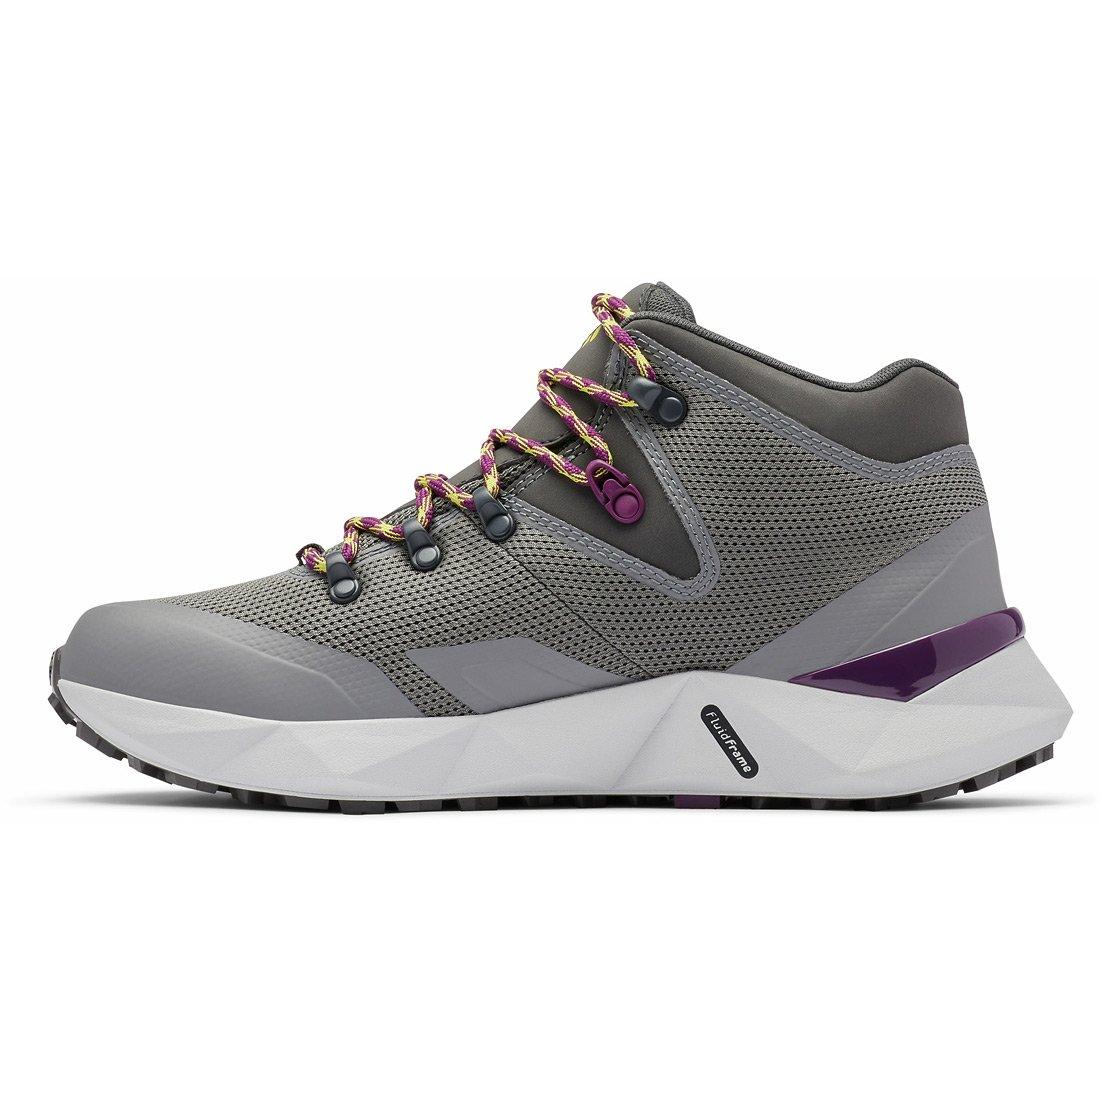 נעלי טיולים לנשים - Facet 60 Outdry W - Columbia